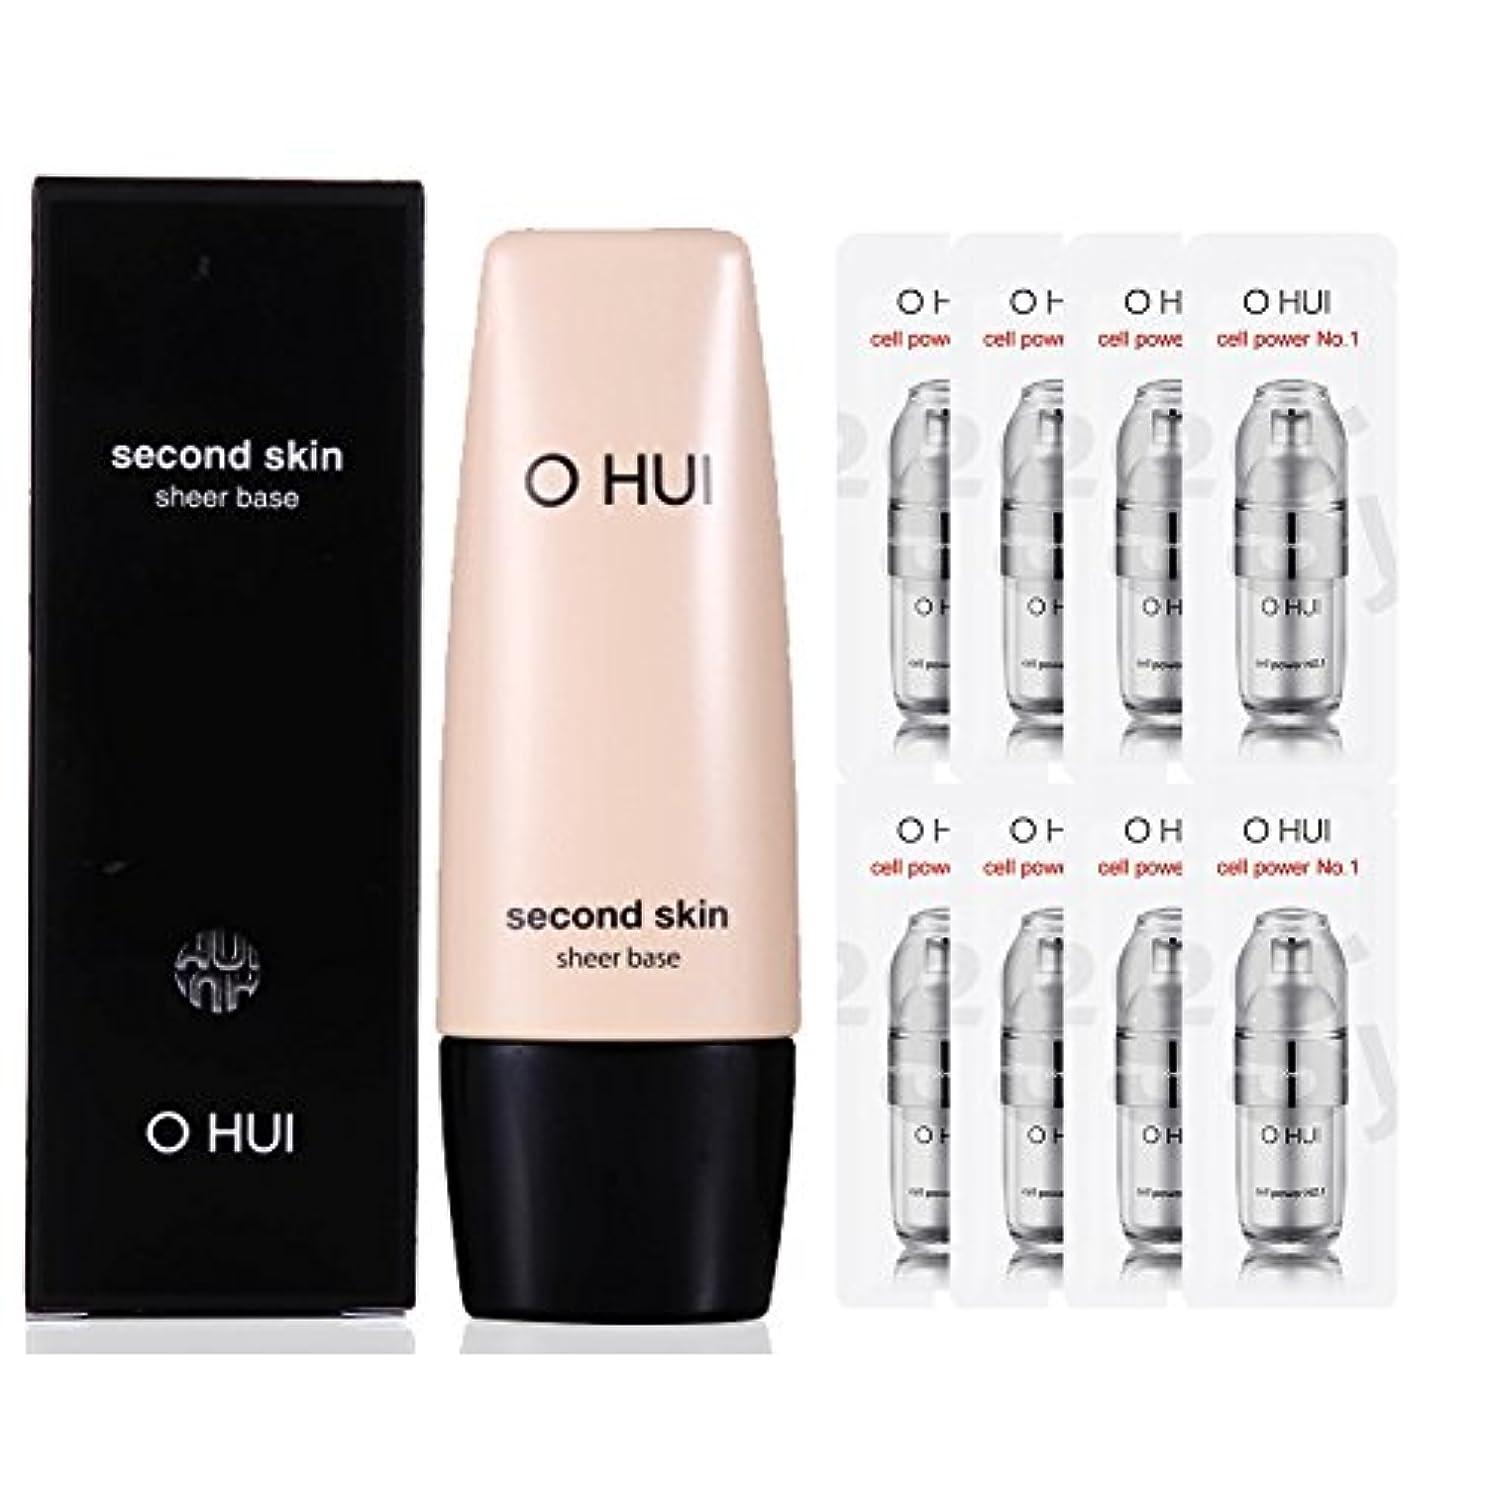 必要条件友だち記述するOHUI/オフィセカンドスキン シアーベース + 特別の構成 (OHUI SECOND SKIN SHEER BASE Makeup Base +Special Gift set)]【スポットセール】[海外直送品]